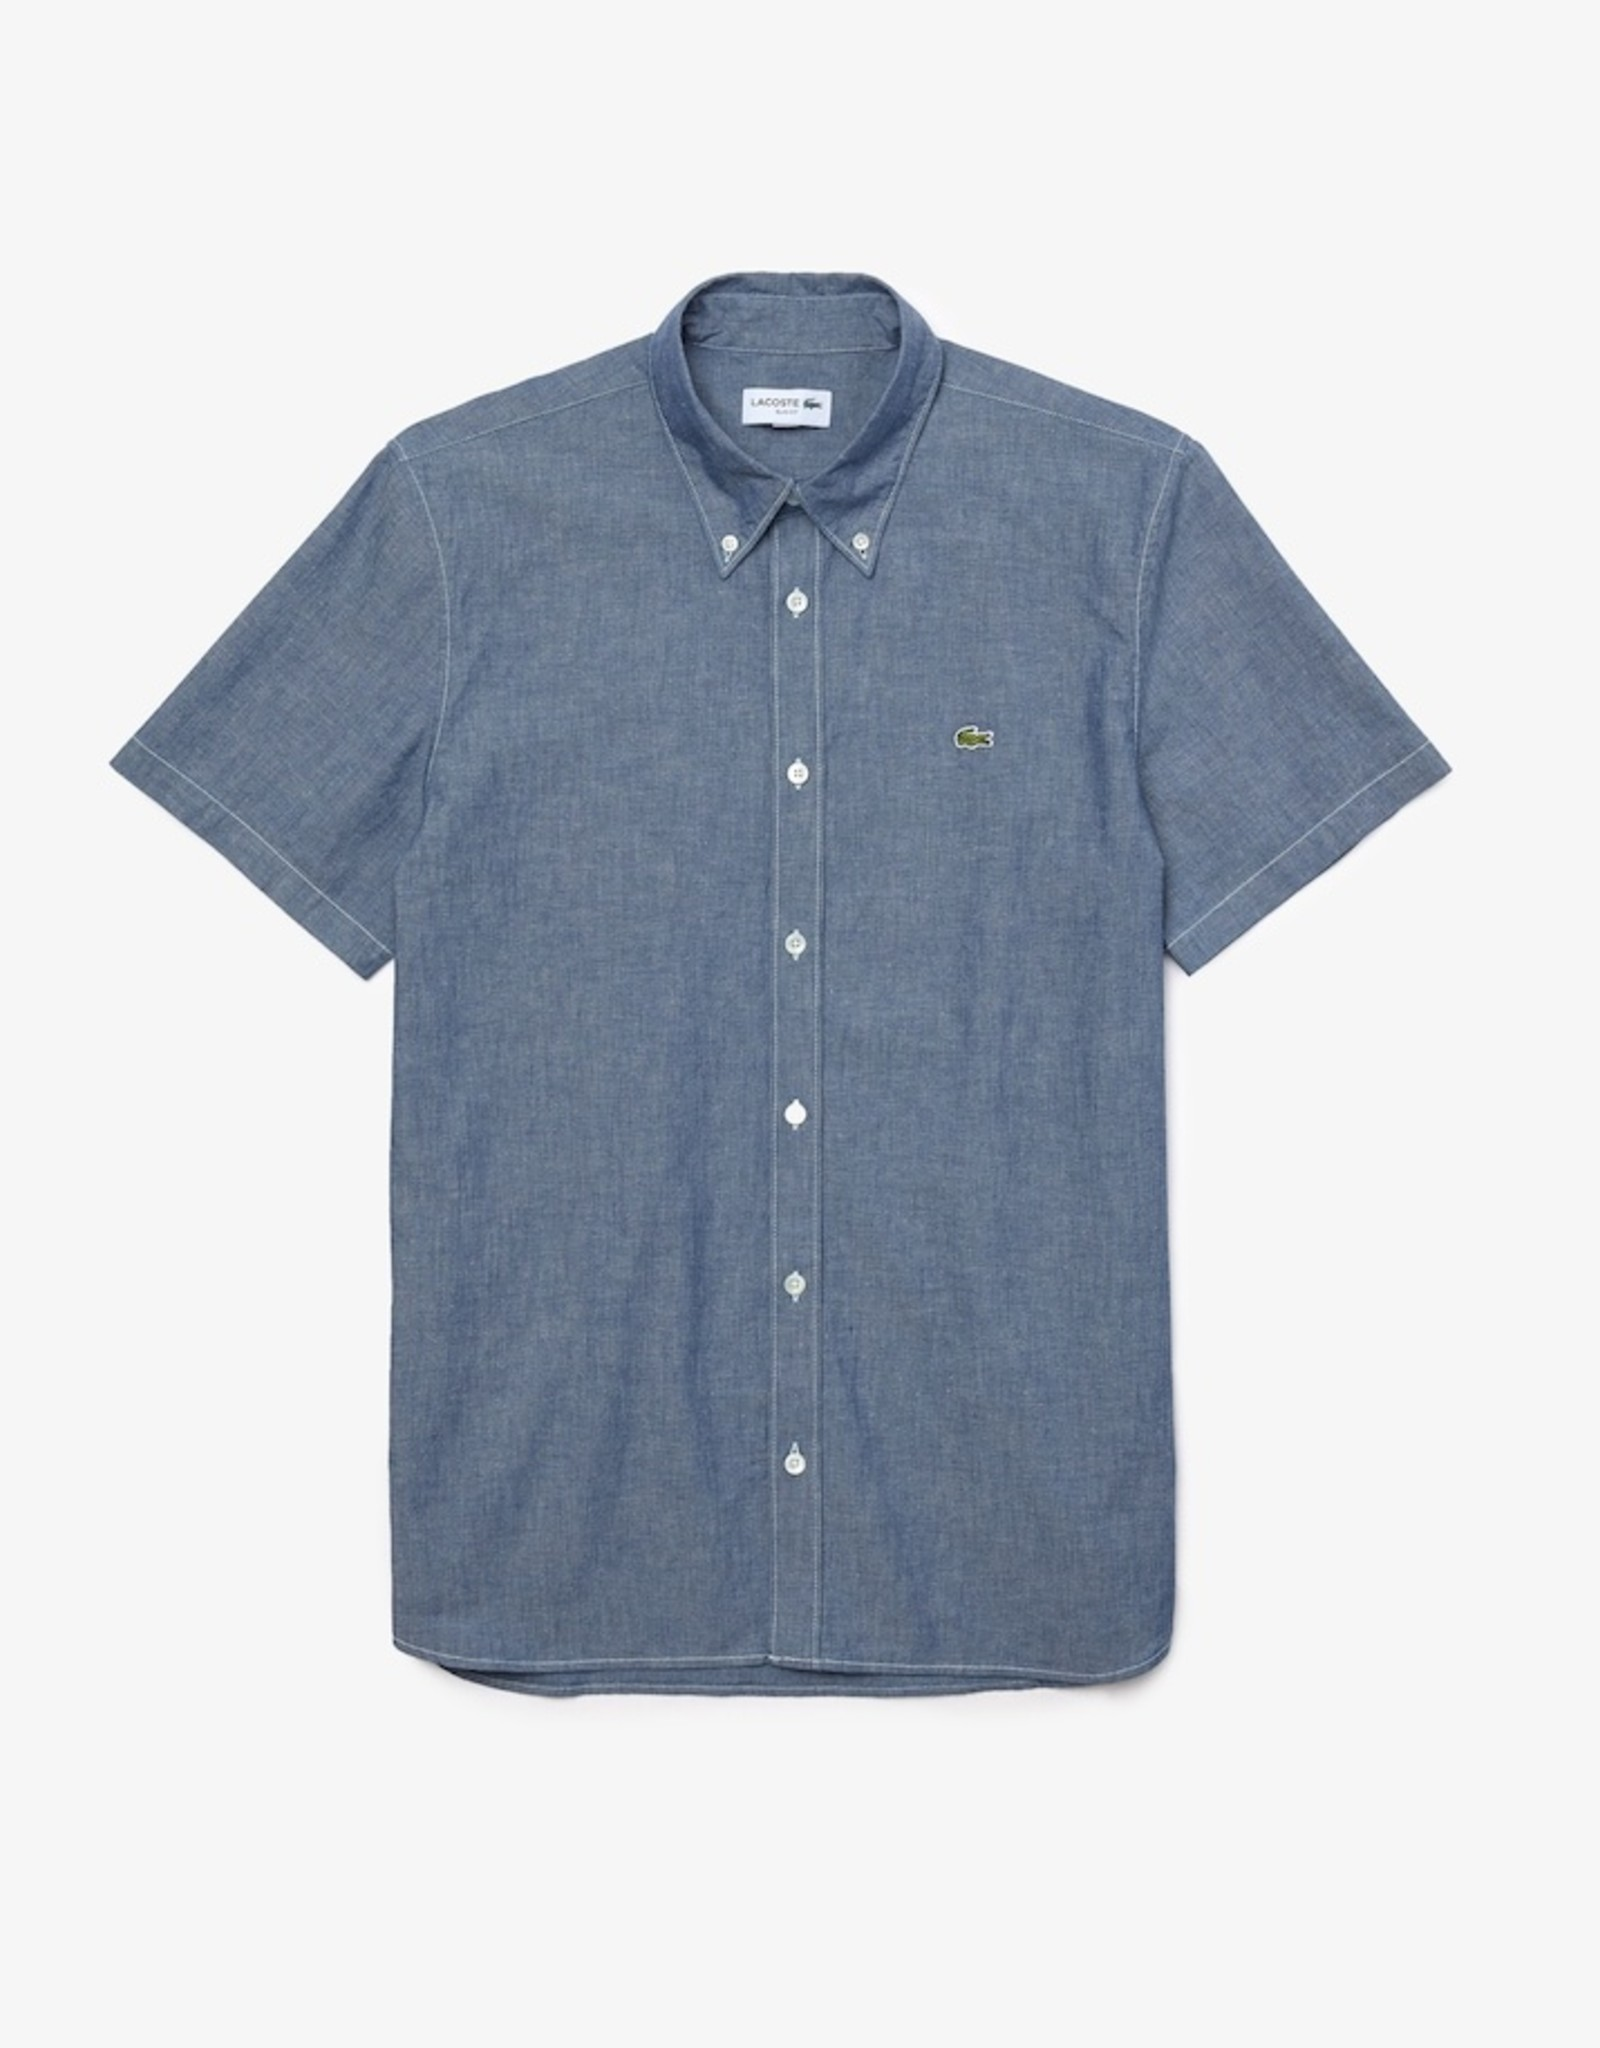 Lacoste Lacoste s/s Sport Shirt